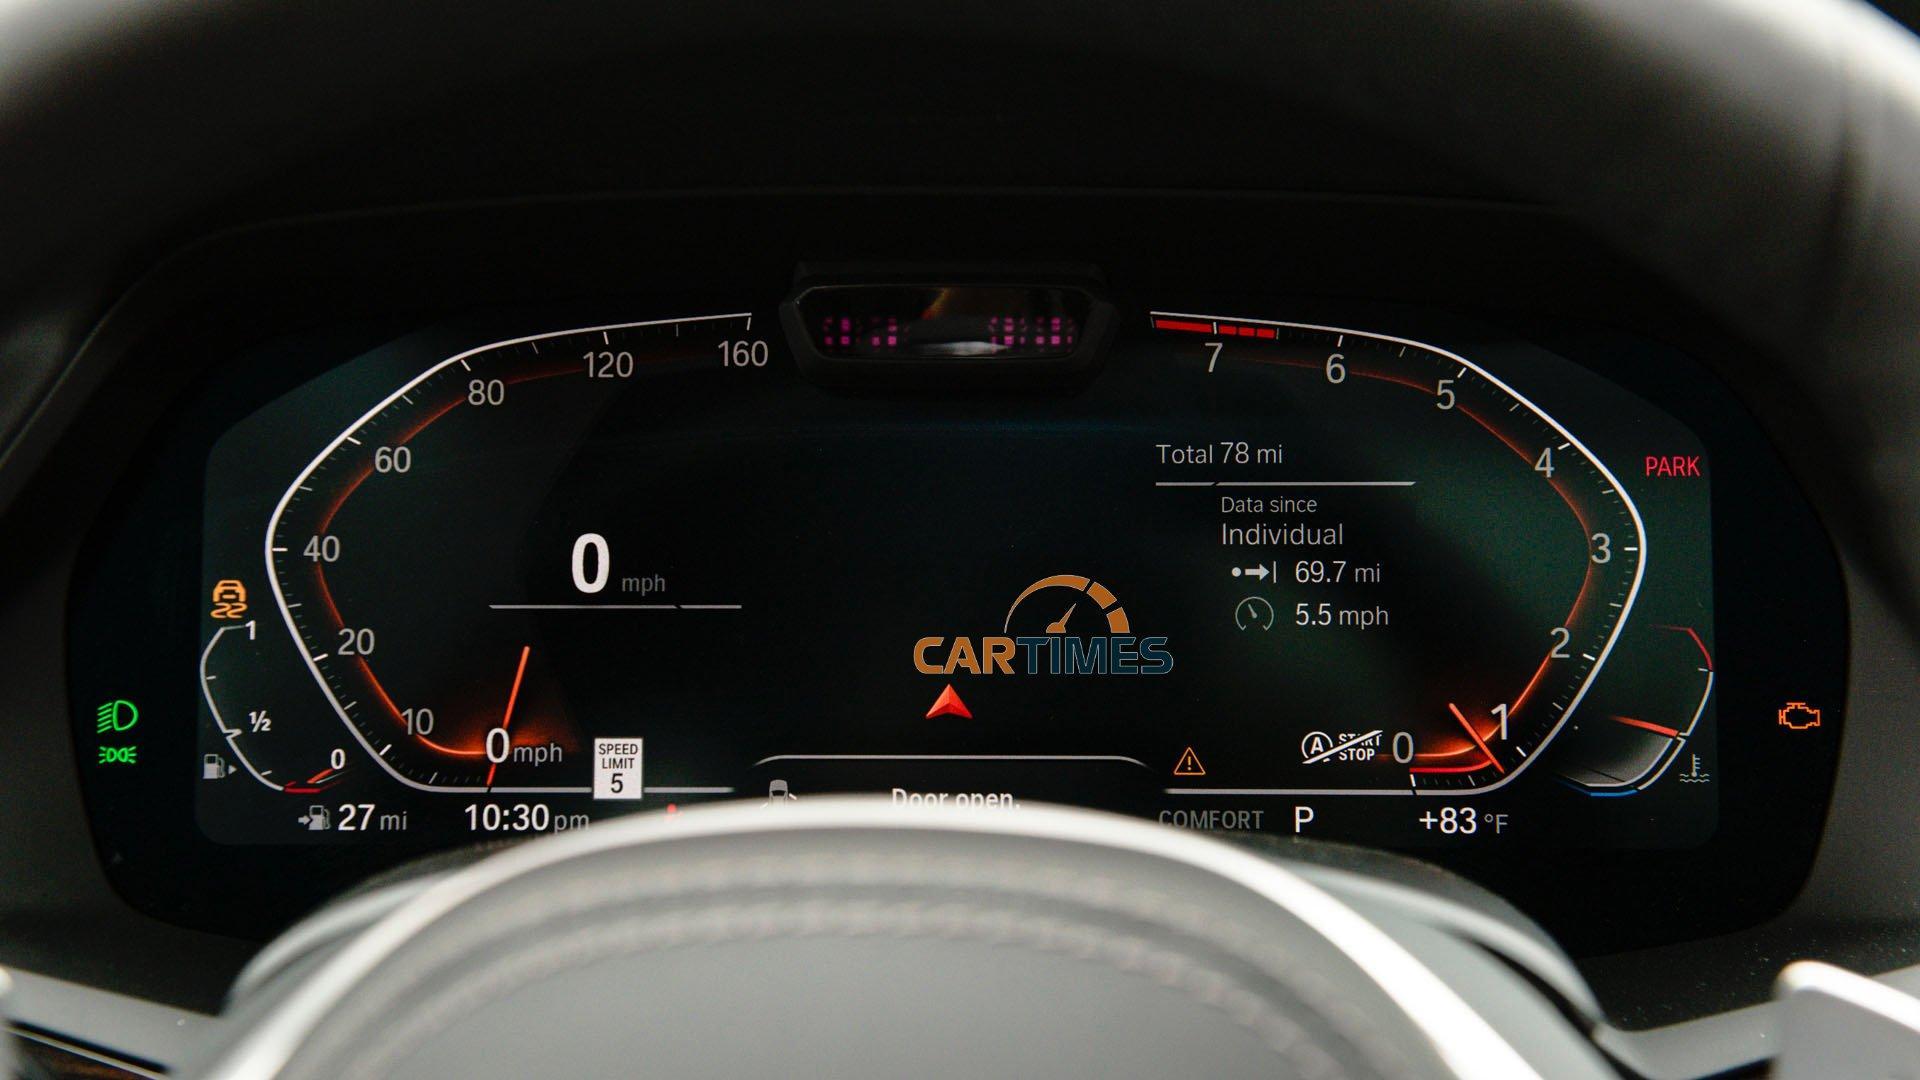 Giá hơn 7 tỷ đồng, BMW X7 thứ 2 về Việt Nam có những trang bị gì? Ảnh 17